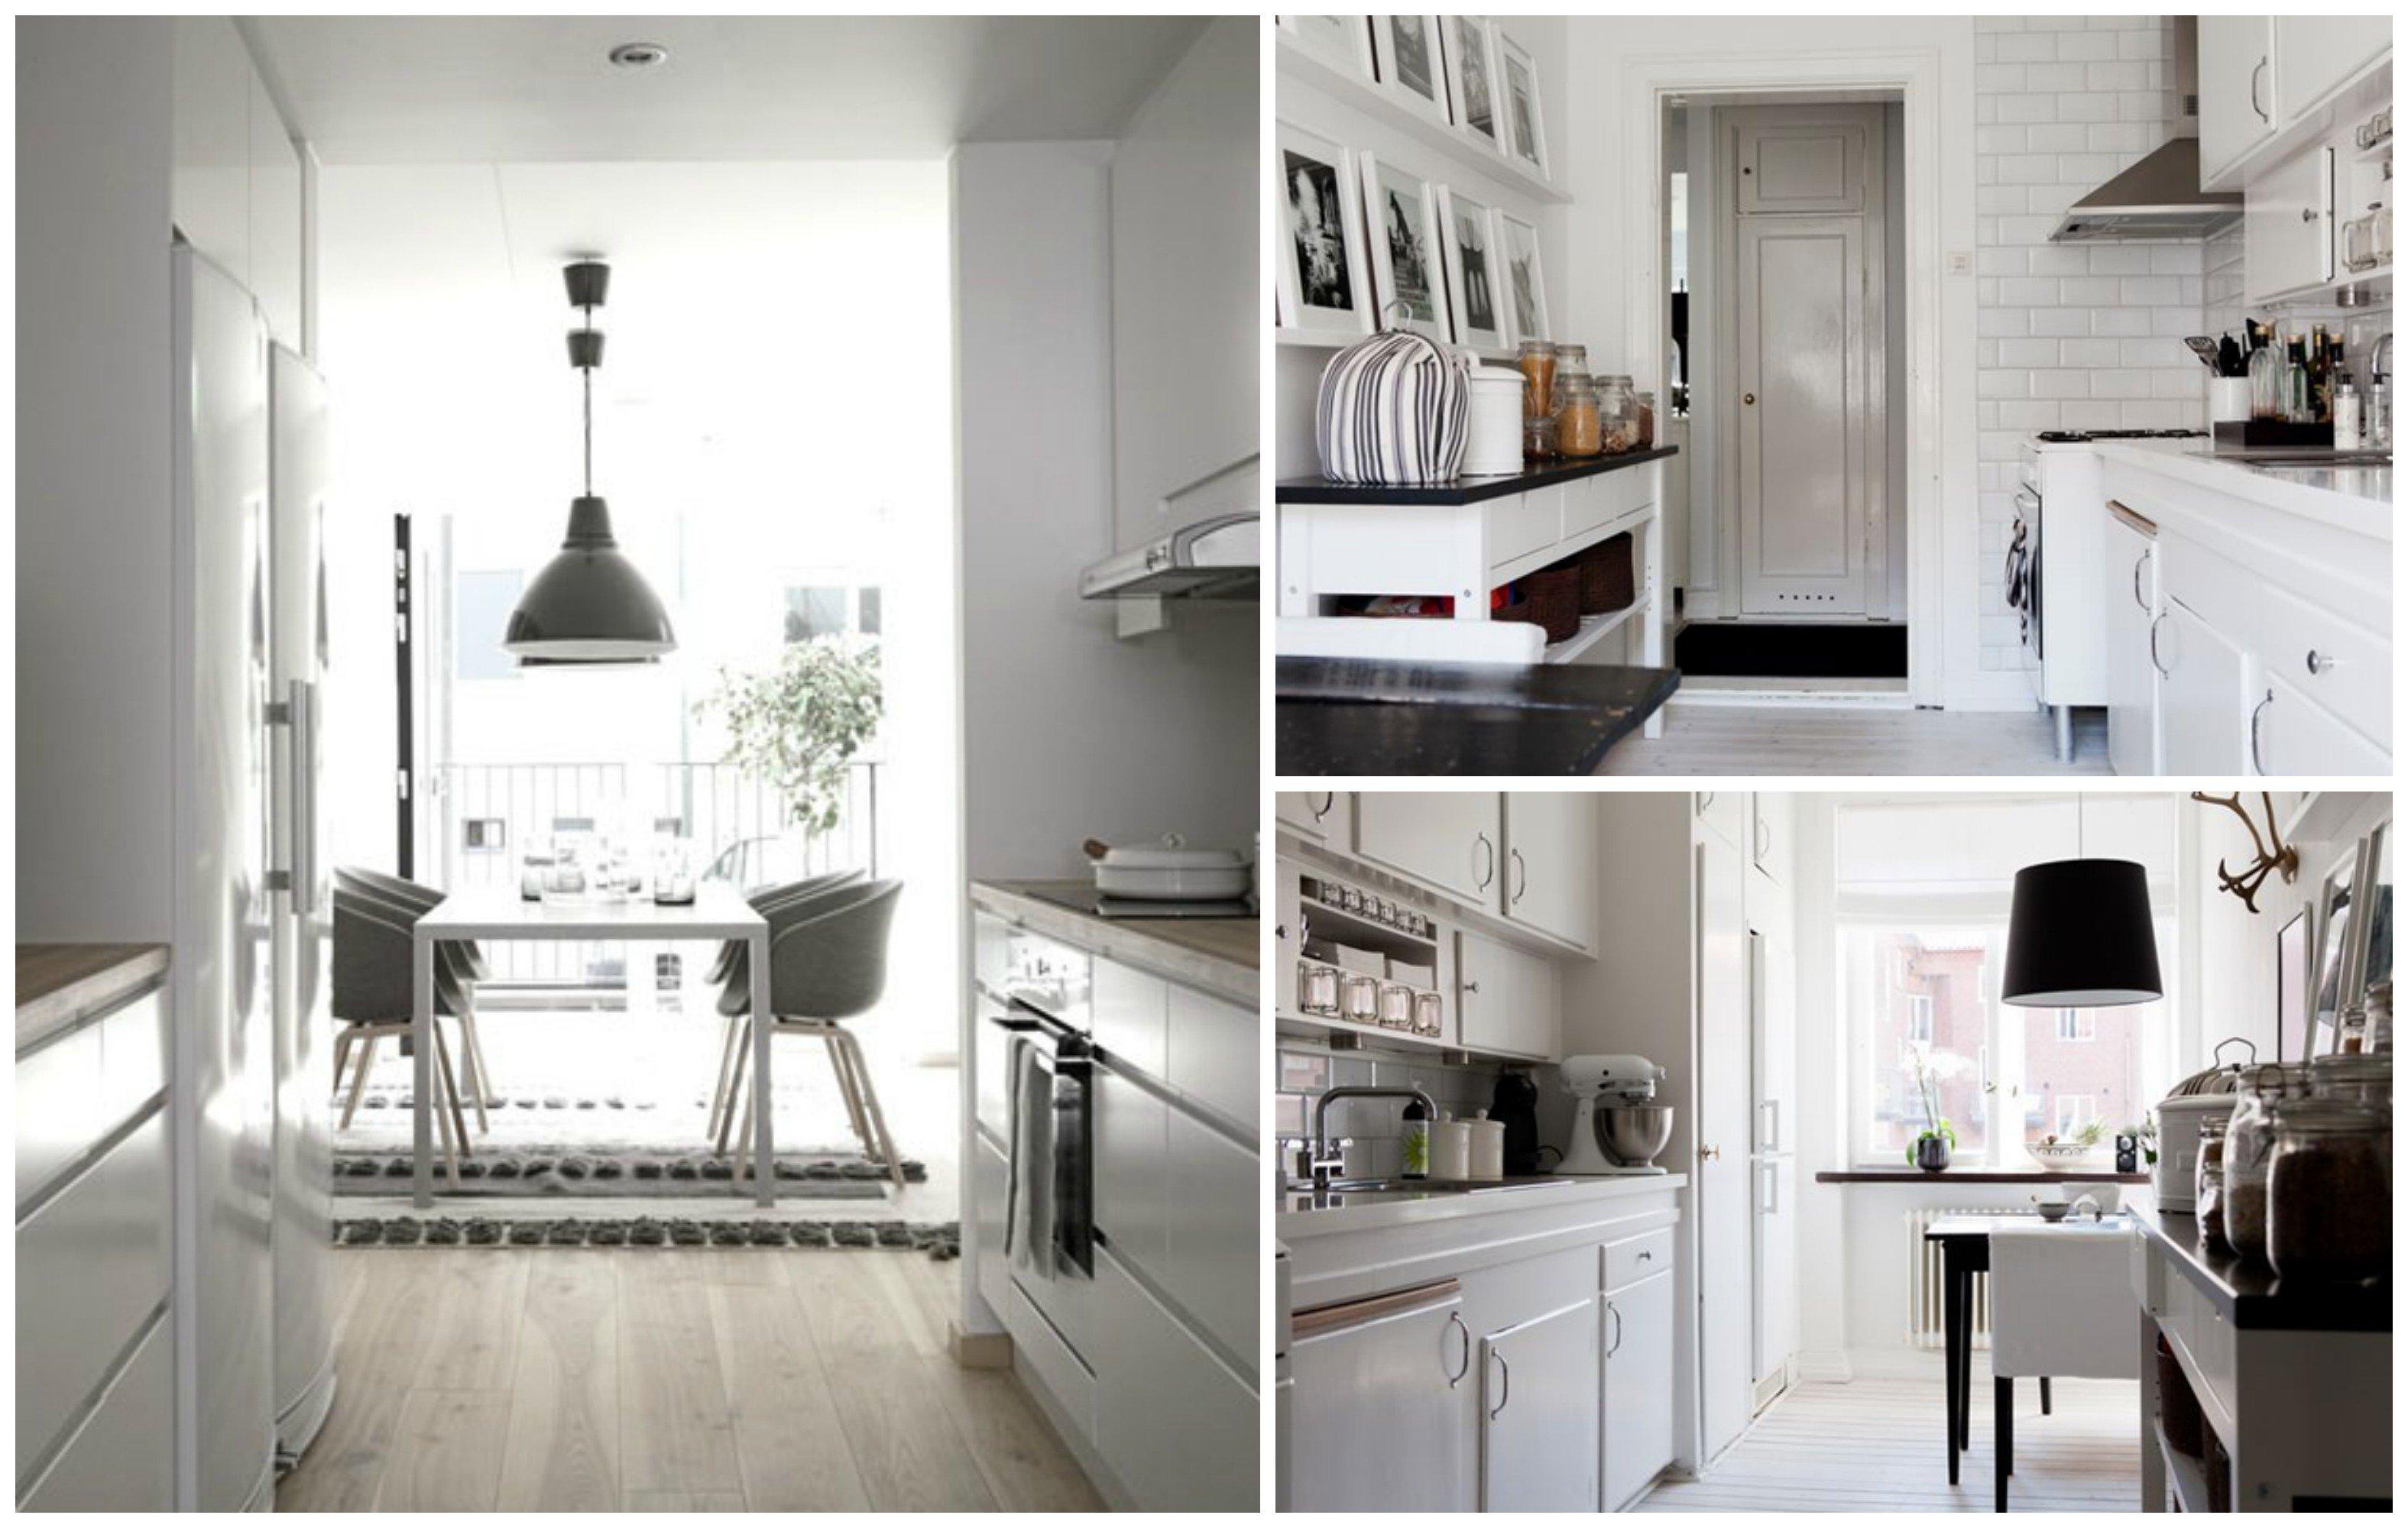 Ispirazioni scandinave a casa di ro for Piccole cucine design